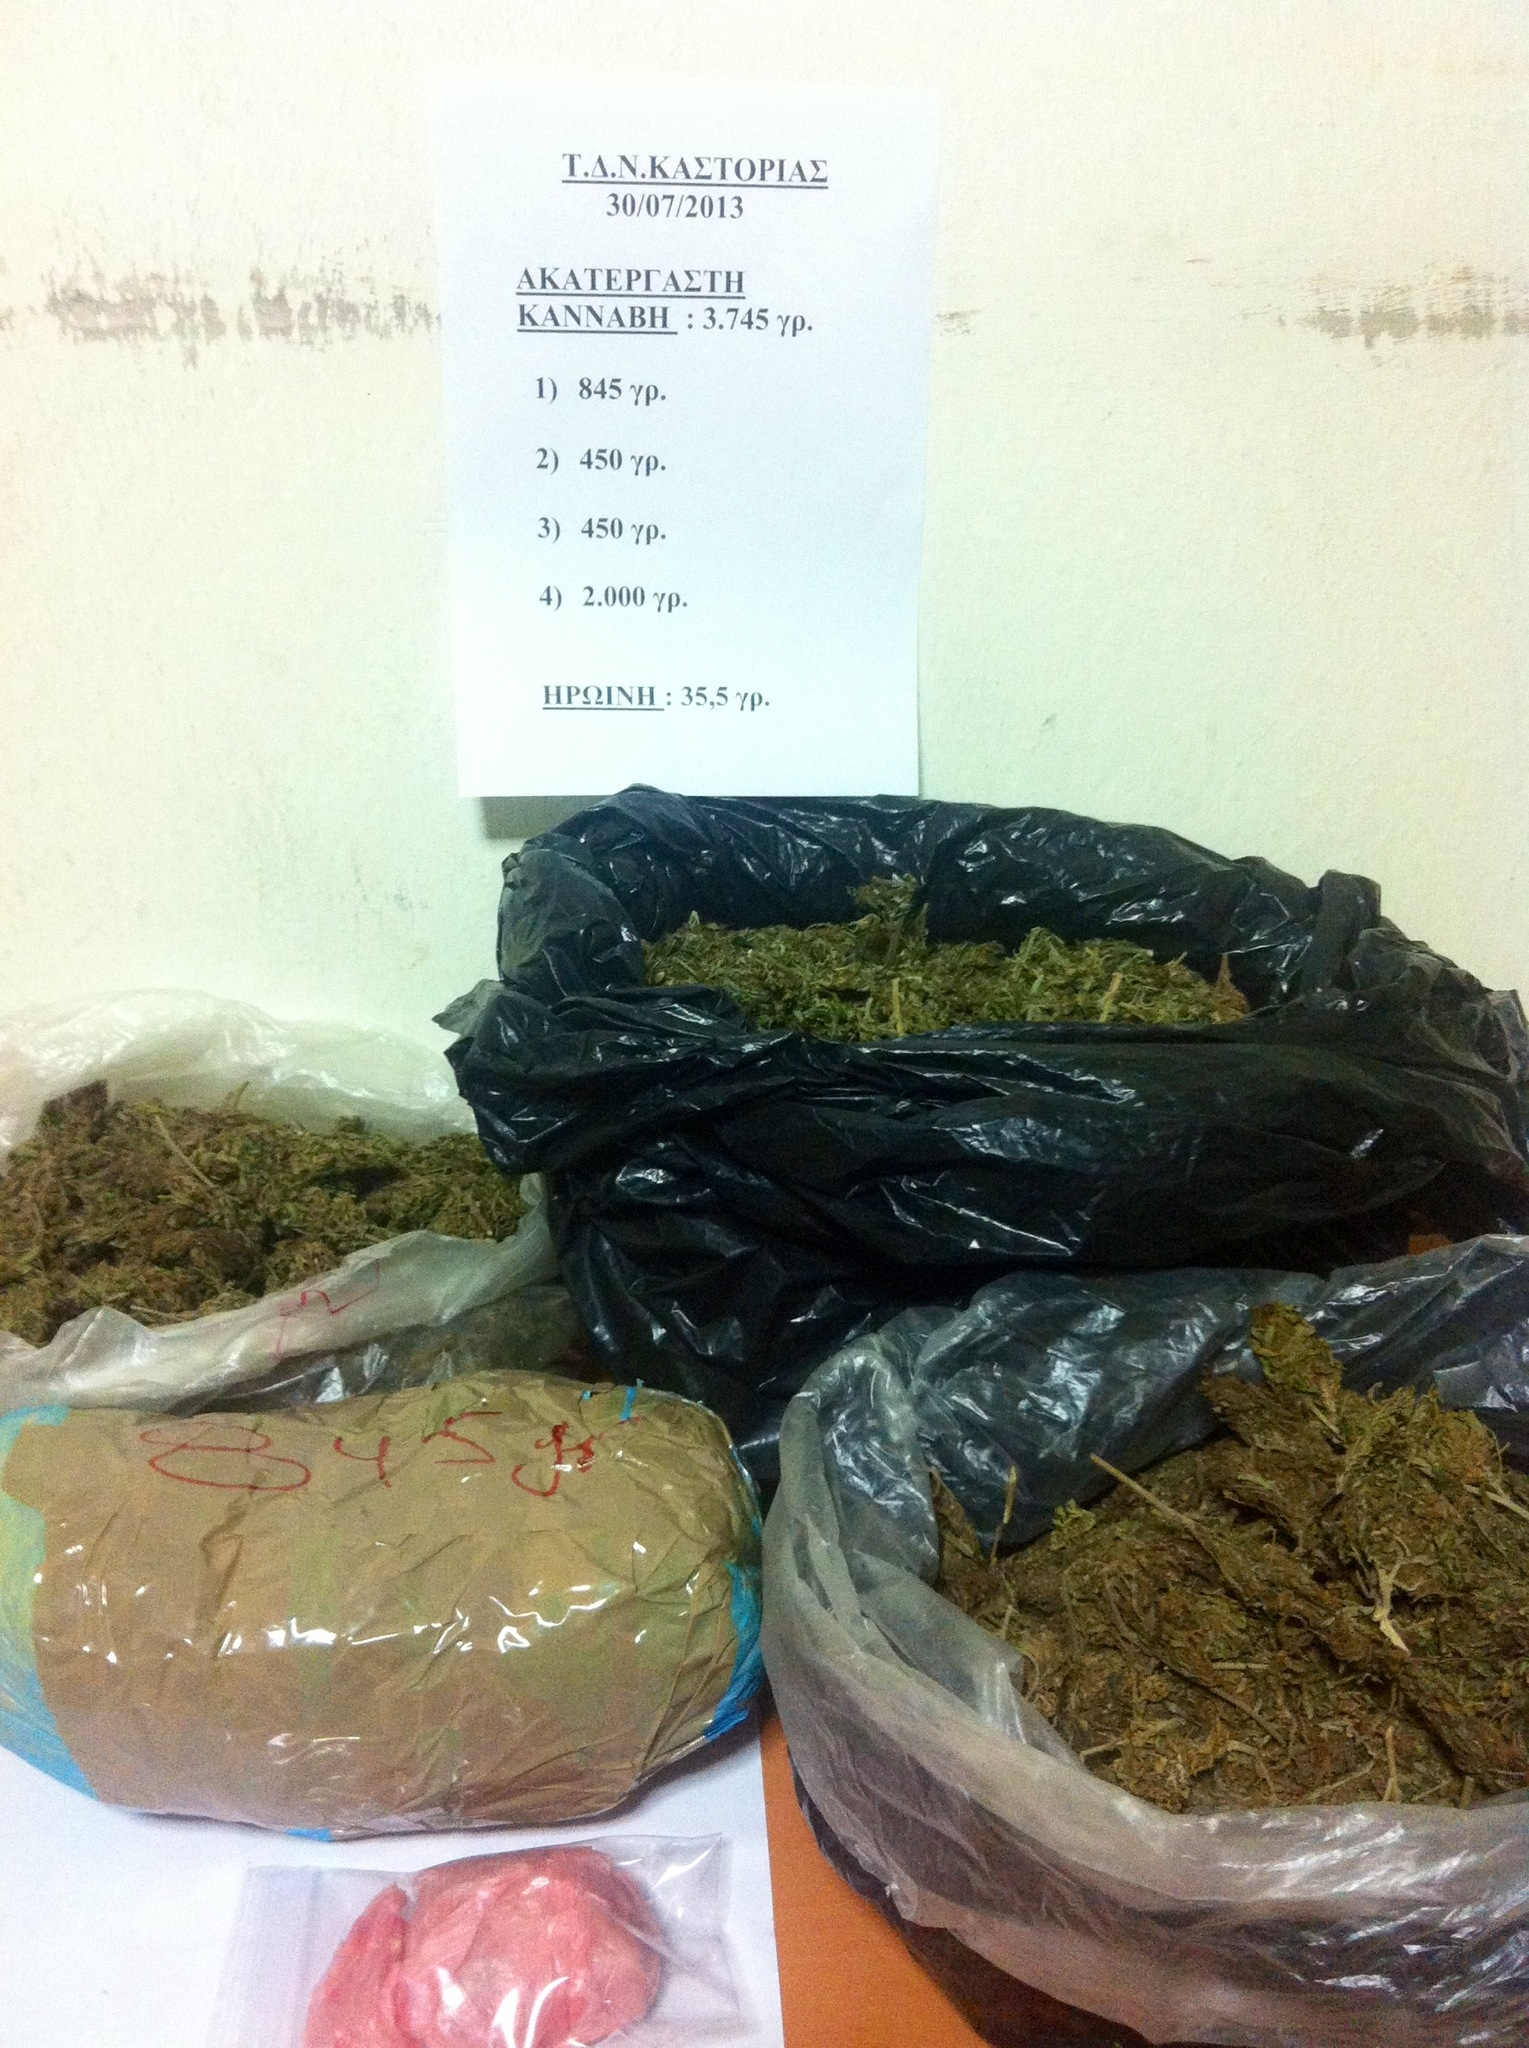 Σύλληψη αλλοδαπού στους Κομνηνάδες Καστοριάς για εισαγωγή ναρκωτικών ουσιών